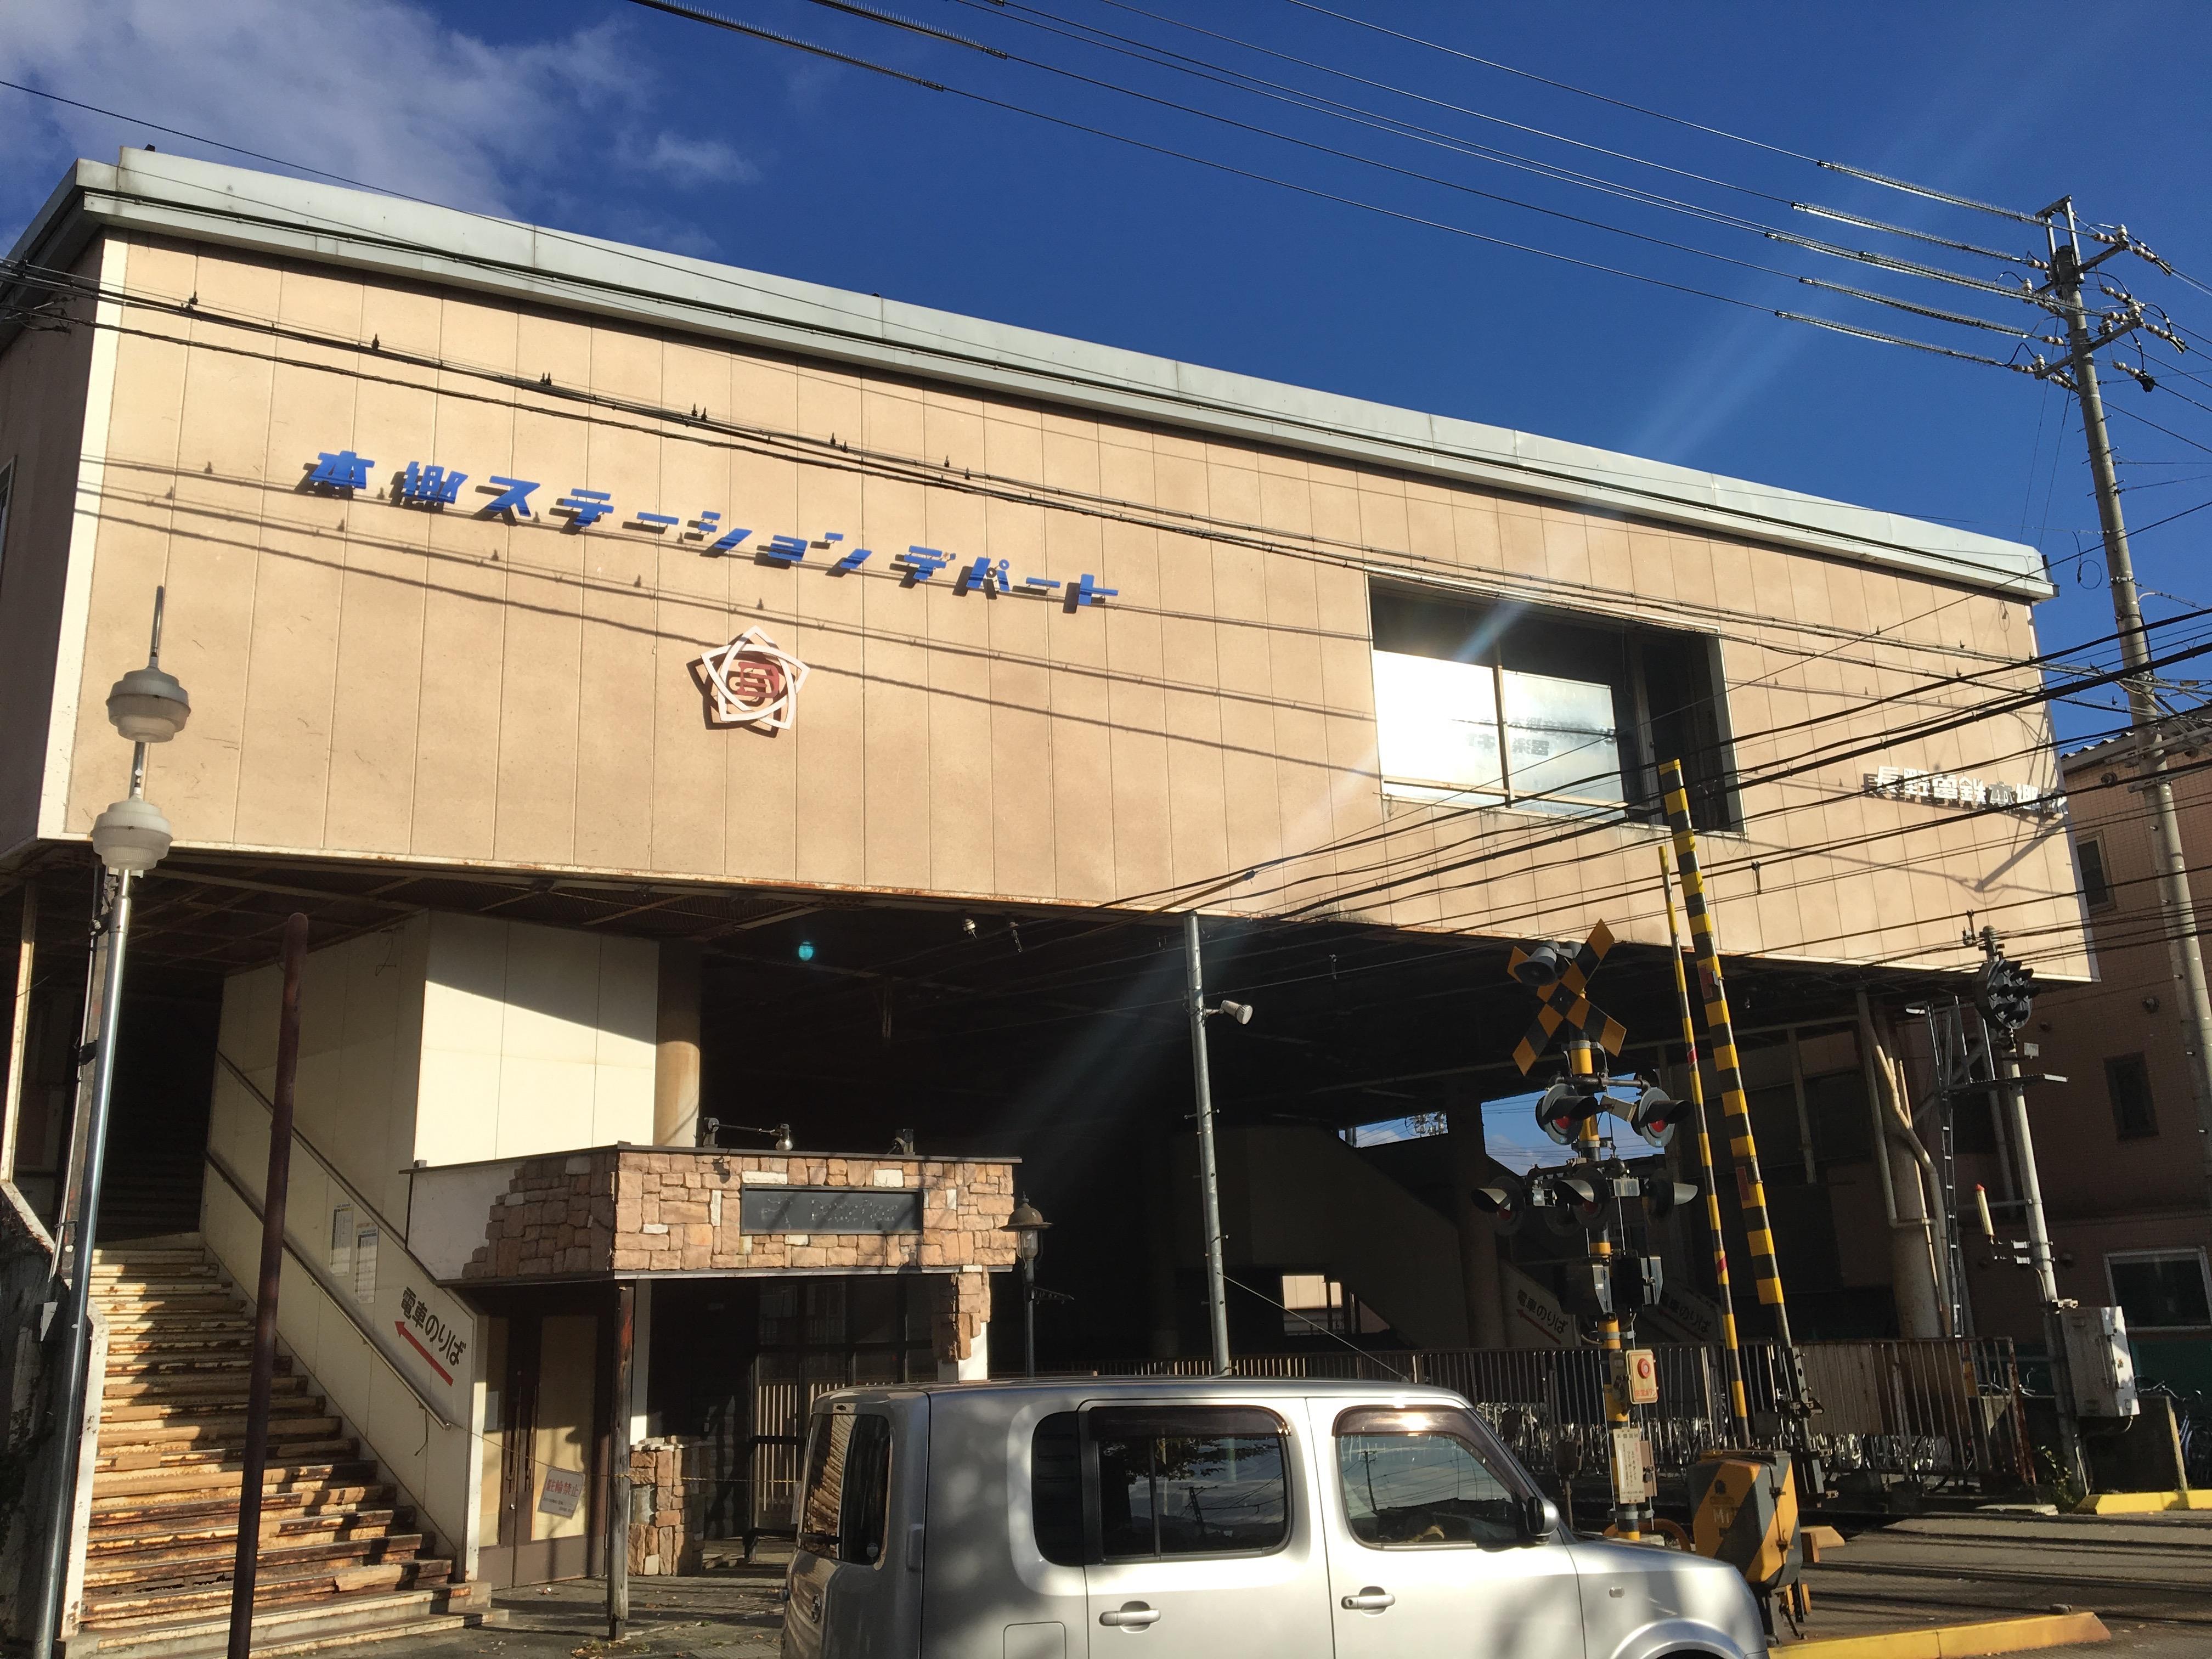 本郷駅にある本郷ステーションデパート。2017年現在、テナントはほとんど入っていません。